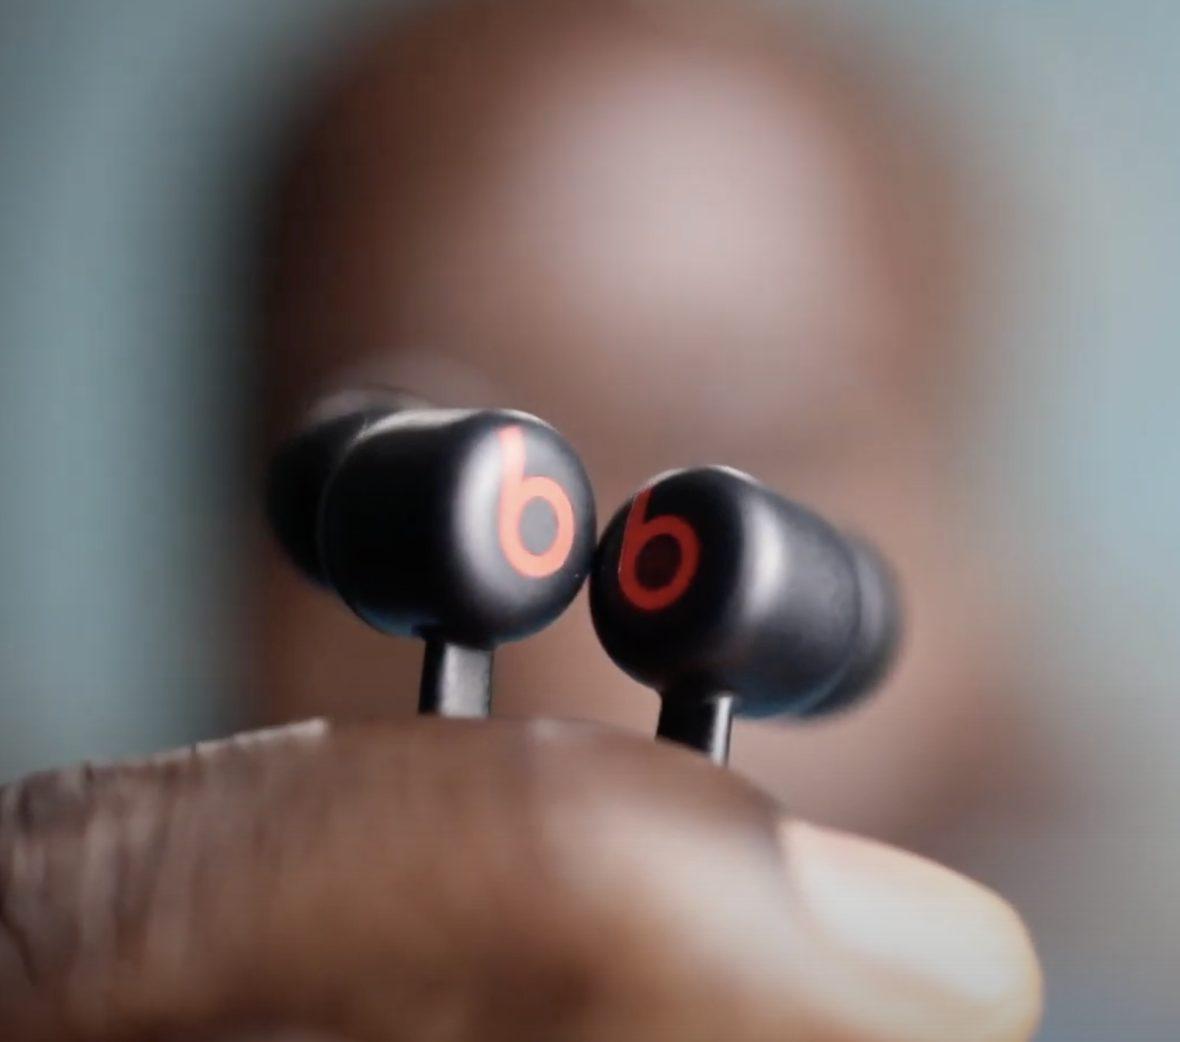 Beats Flex Wireless earphones mag